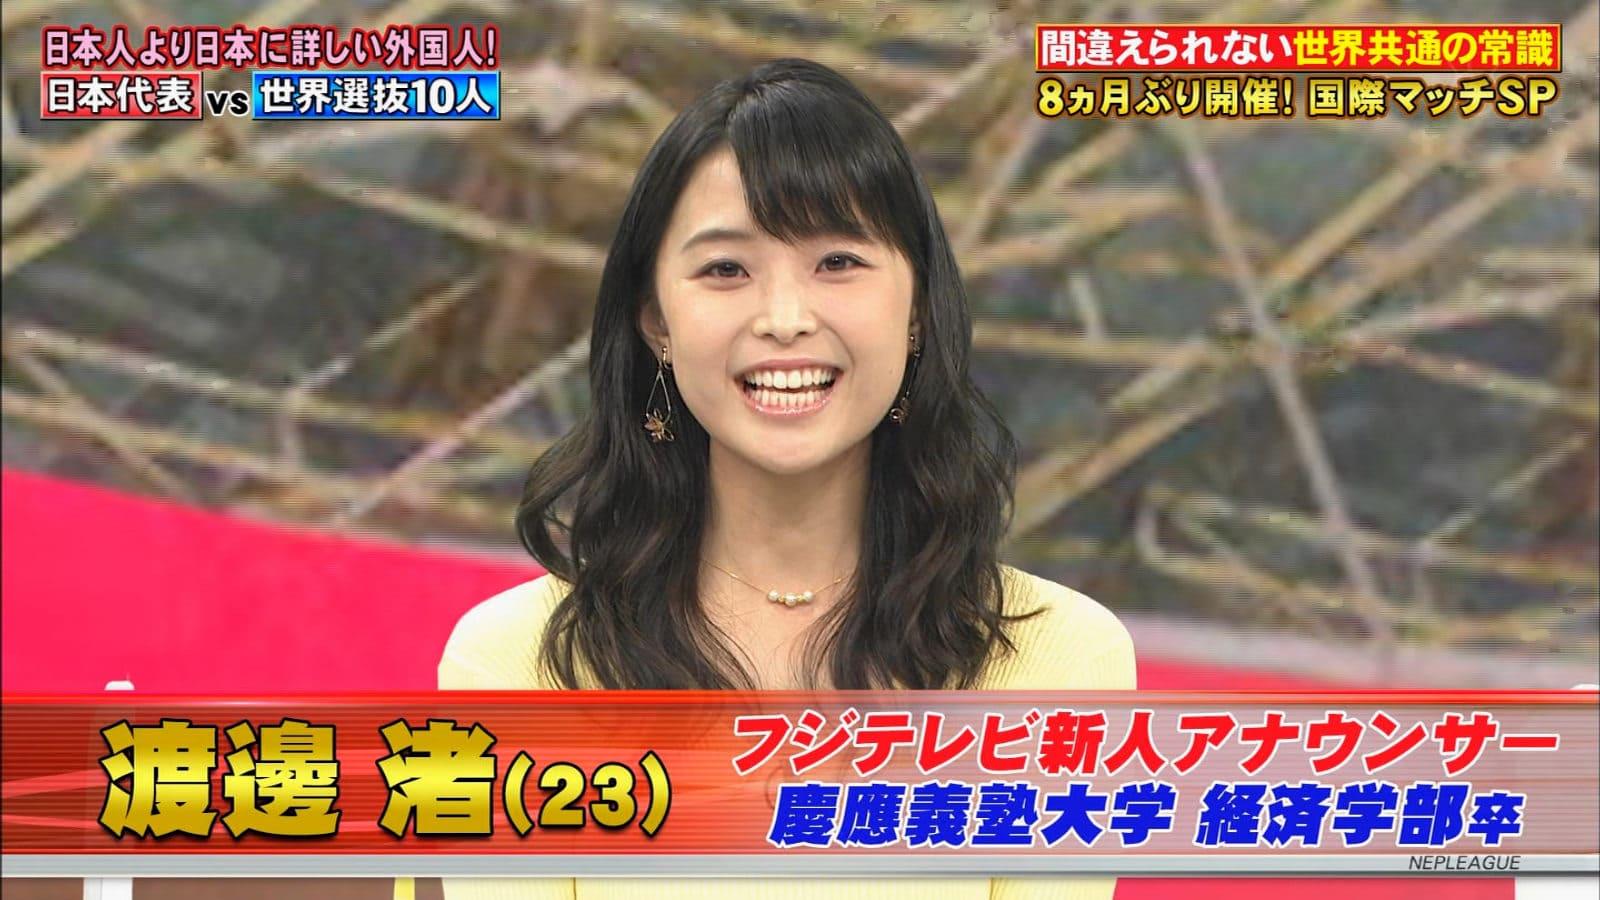 【乳揺れGIF】フジテレビ新人女子アナ・渡邊渚(23)の爆乳が大暴れ!これはガチですげえええええええ